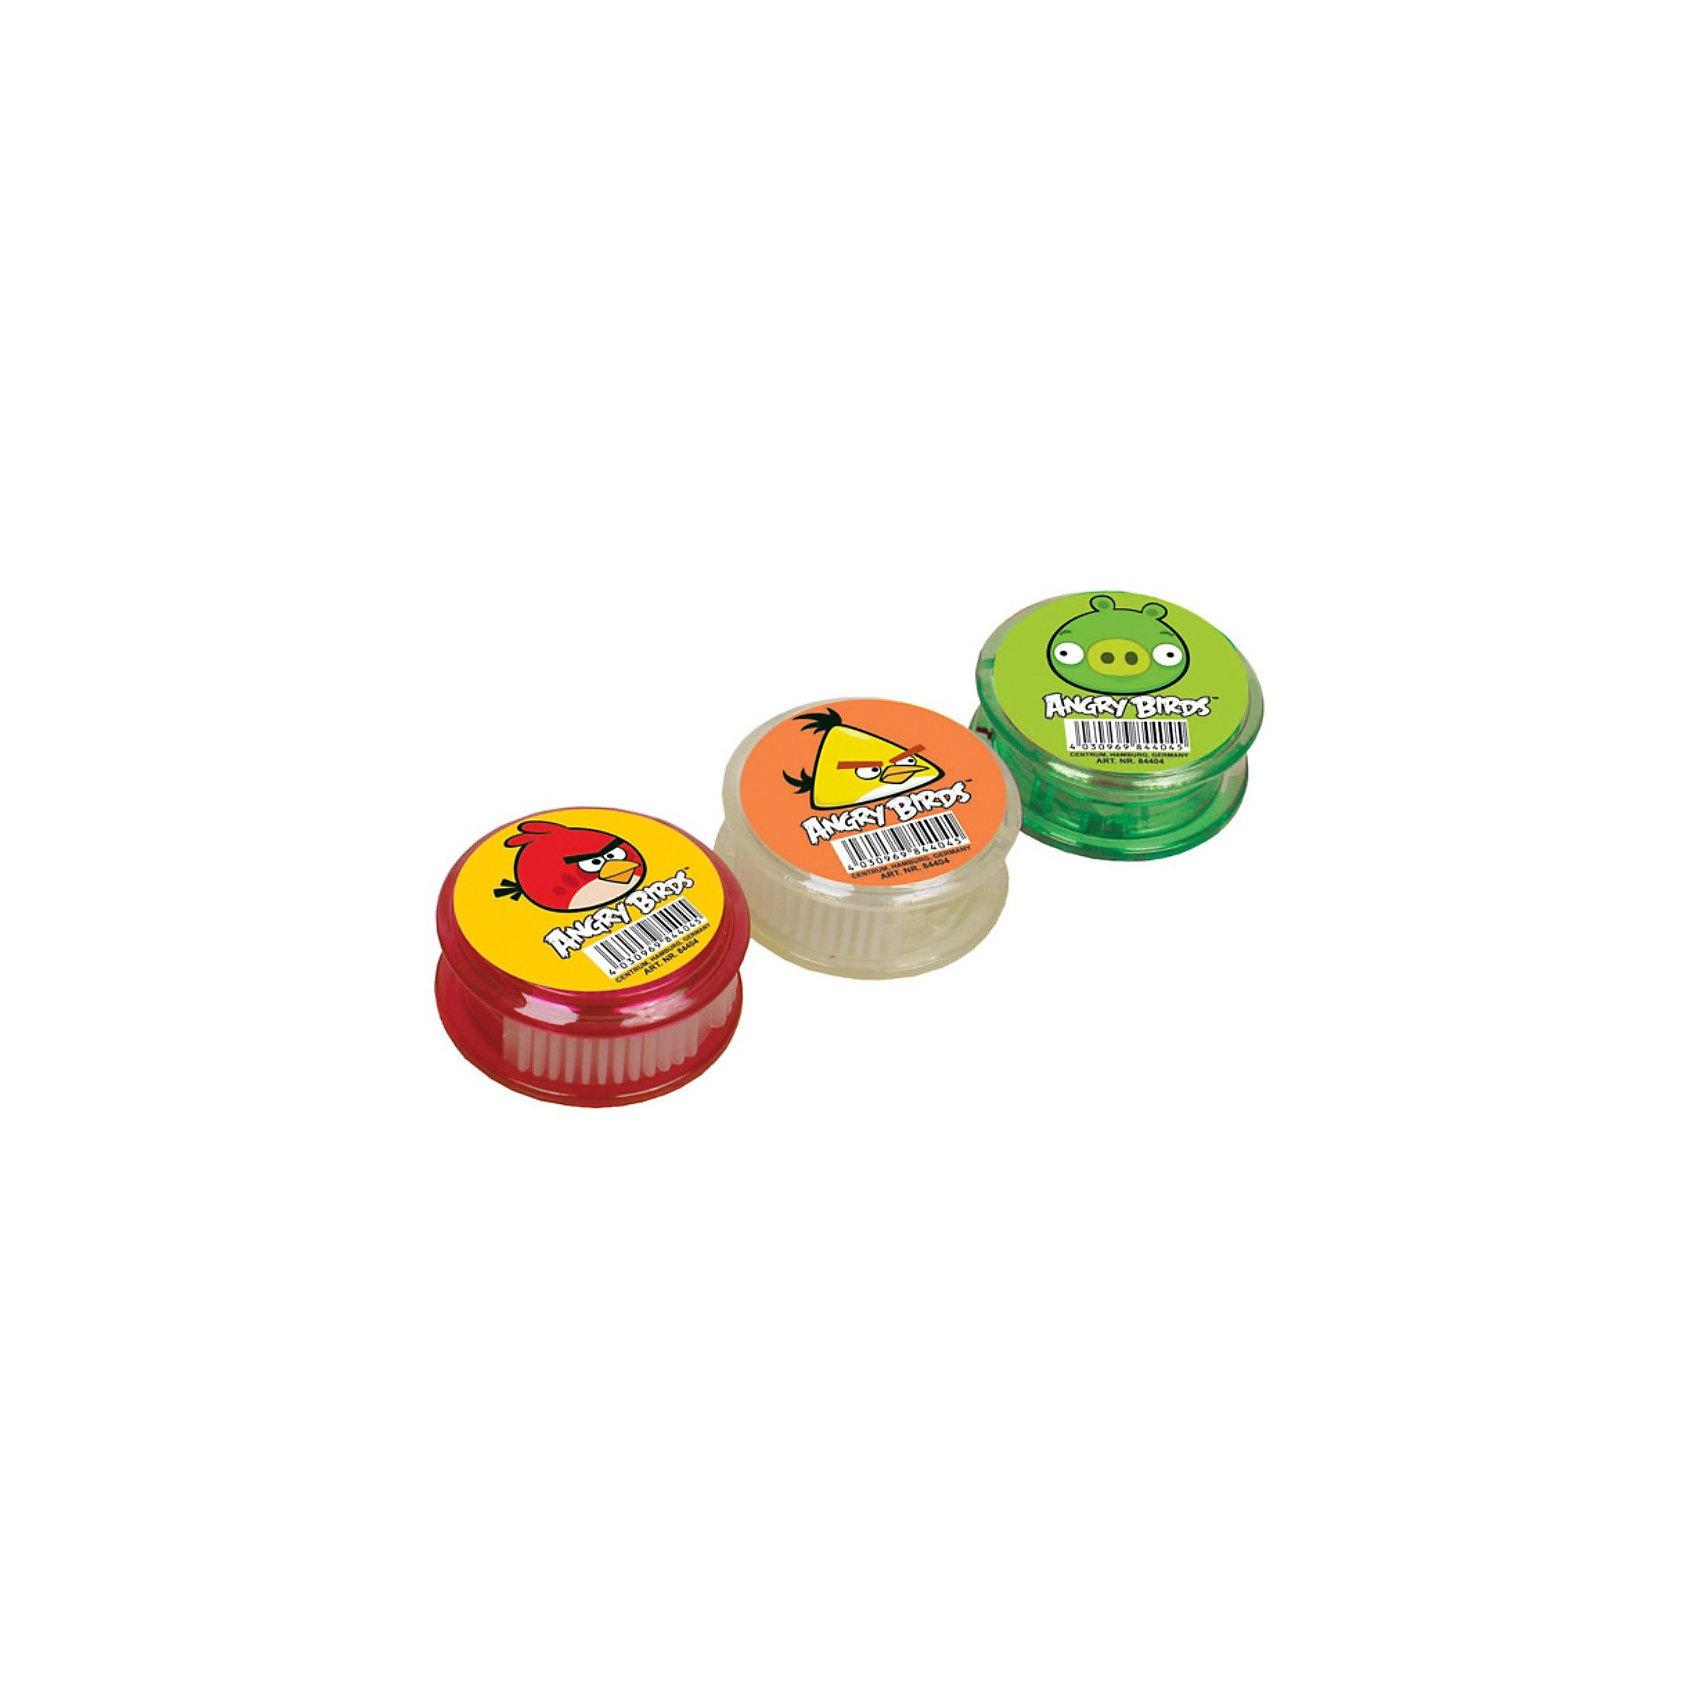 Точилка круглая с контейнером Angry birdsТочилка круглая с контейнером Аngry birds (Злые Птички) поможет Вашему малышу без особых усилий точить цветные и простые карандаши.<br><br>Дополнительная информация:<br><br>- Размеры: 4,5 х 2 см<br>- Материал: пластик<br><br>Точилку круглую с контейнером Аngry birds (Злые Птички) можно купить в нашем магазине.<br><br>Ширина мм: 45<br>Глубина мм: 20<br>Высота мм: 45<br>Вес г: 16<br>Возраст от месяцев: 36<br>Возраст до месяцев: 156<br>Пол: Унисекс<br>Возраст: Детский<br>SKU: 3289551